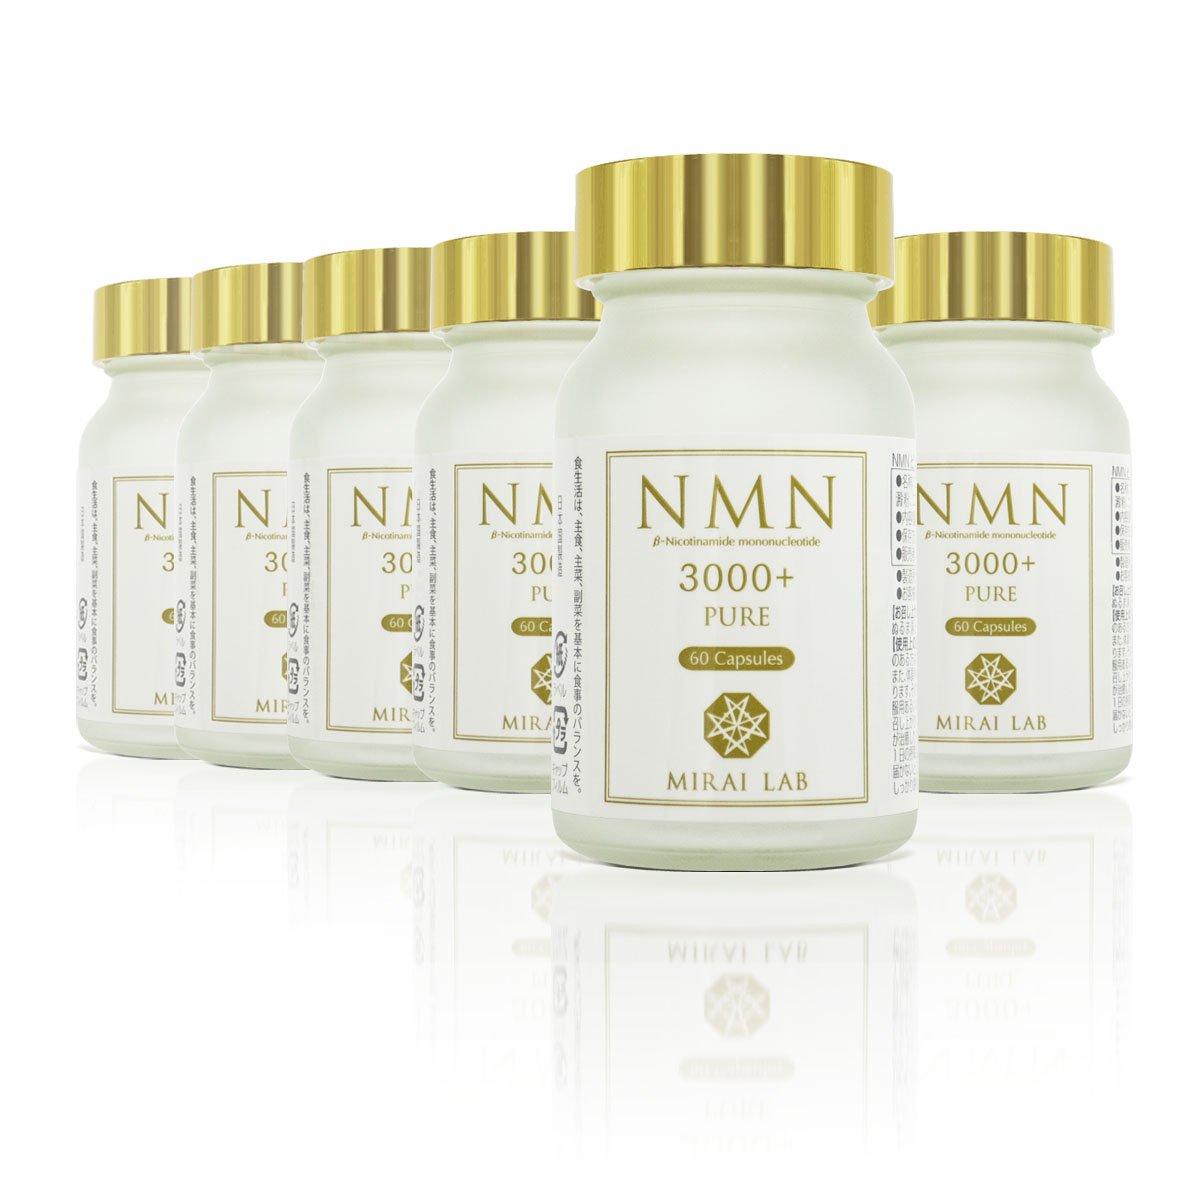 NMN ピュア 3000 (60カプセル) 6個セット